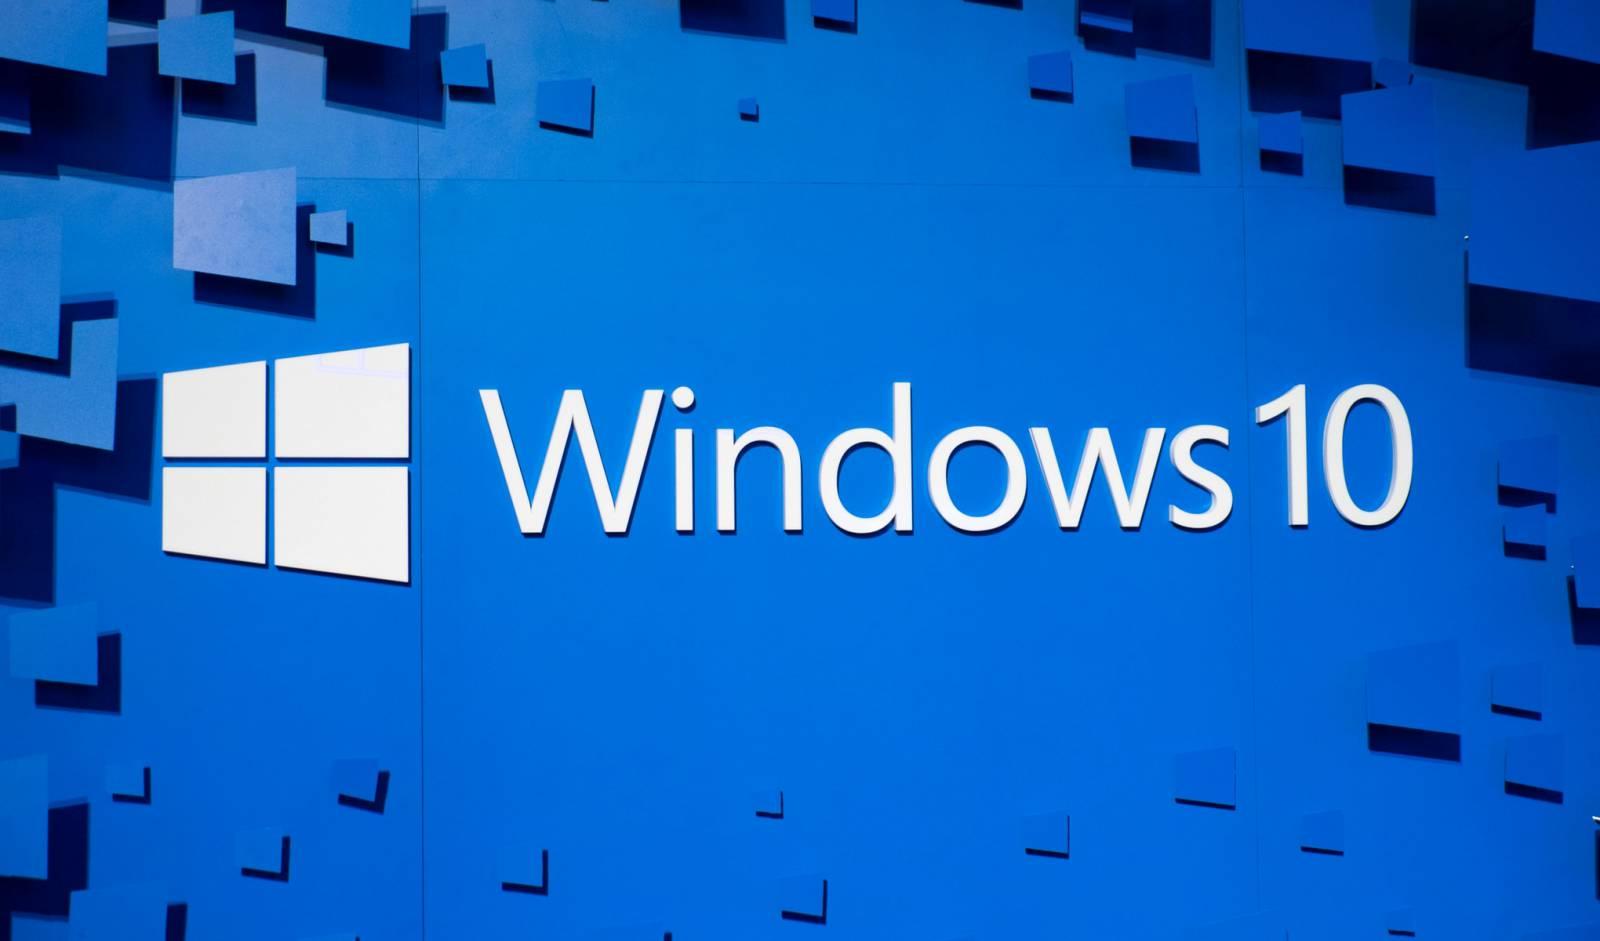 Windows 10 rtm 2020